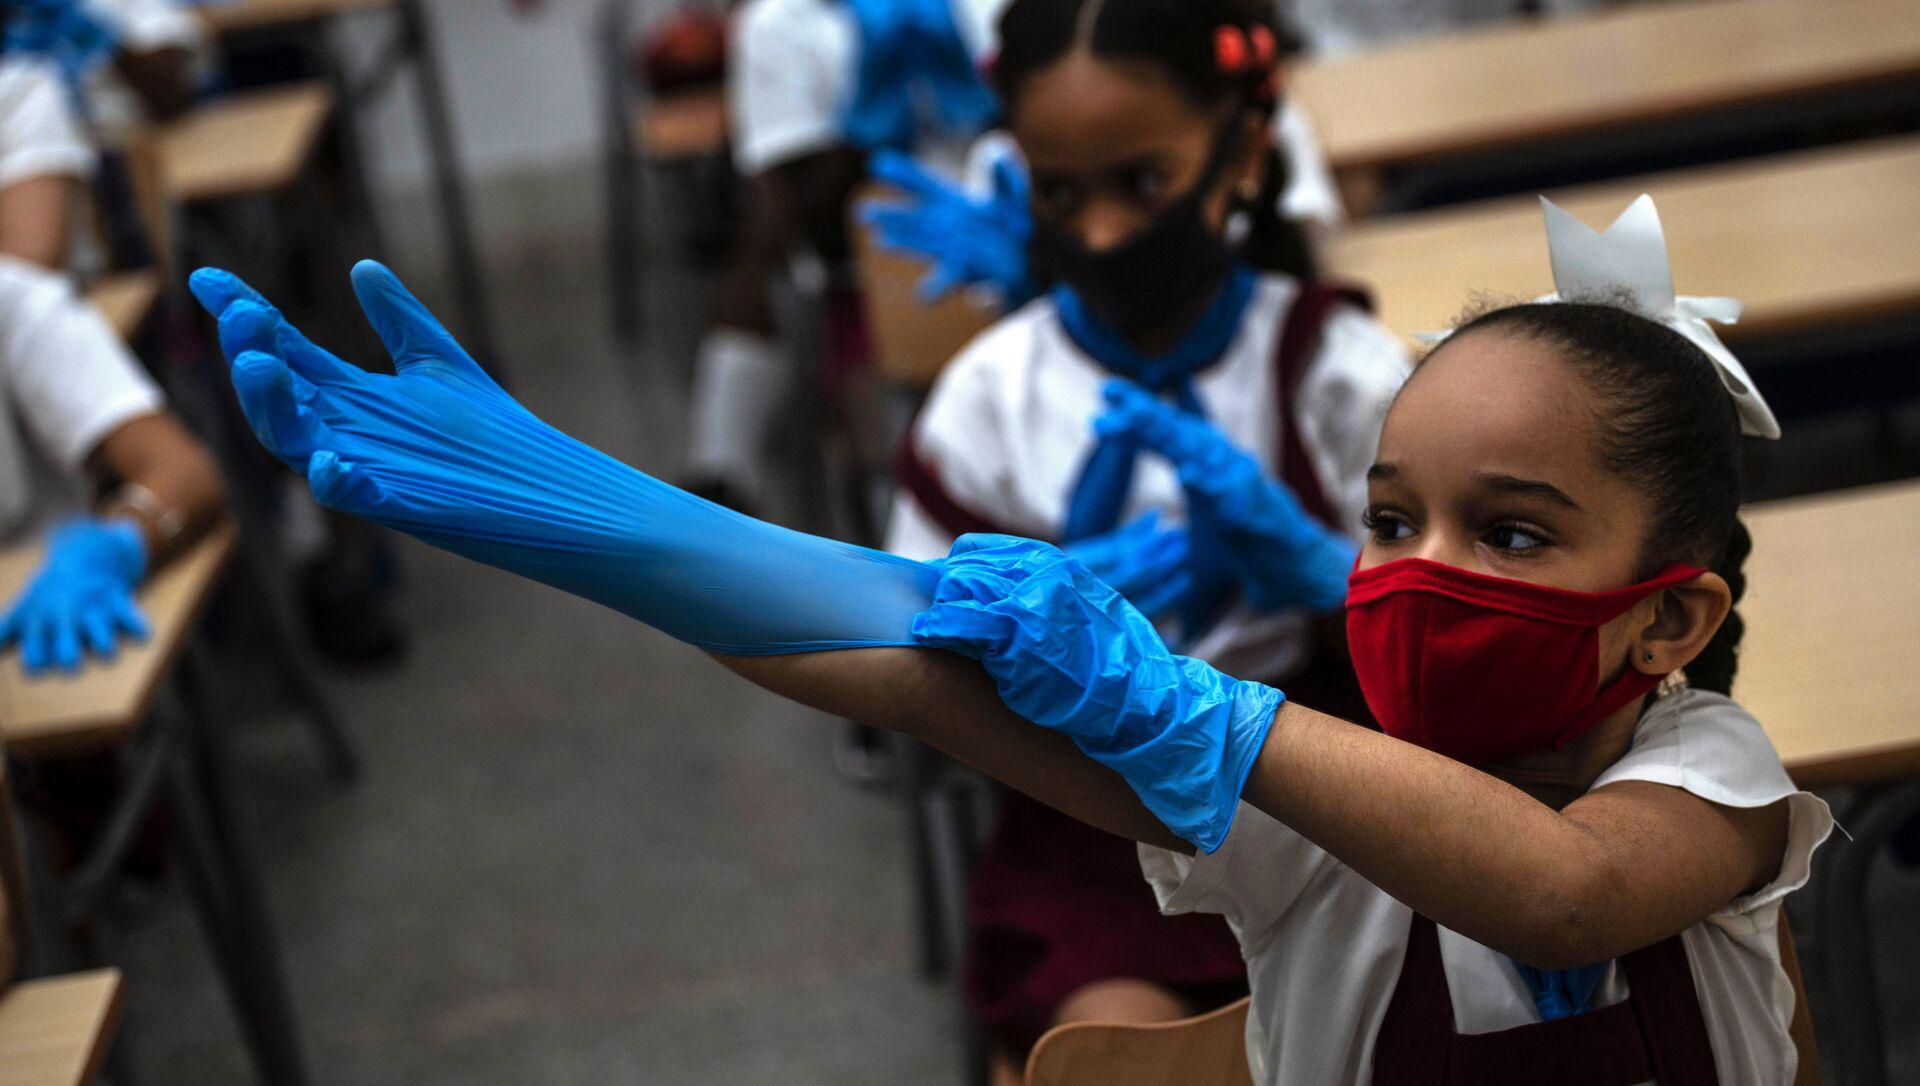 Ученица школы в защитных перчатках и маске в школе, Гавана  - Sputnik Italia, 1920, 09.05.2021